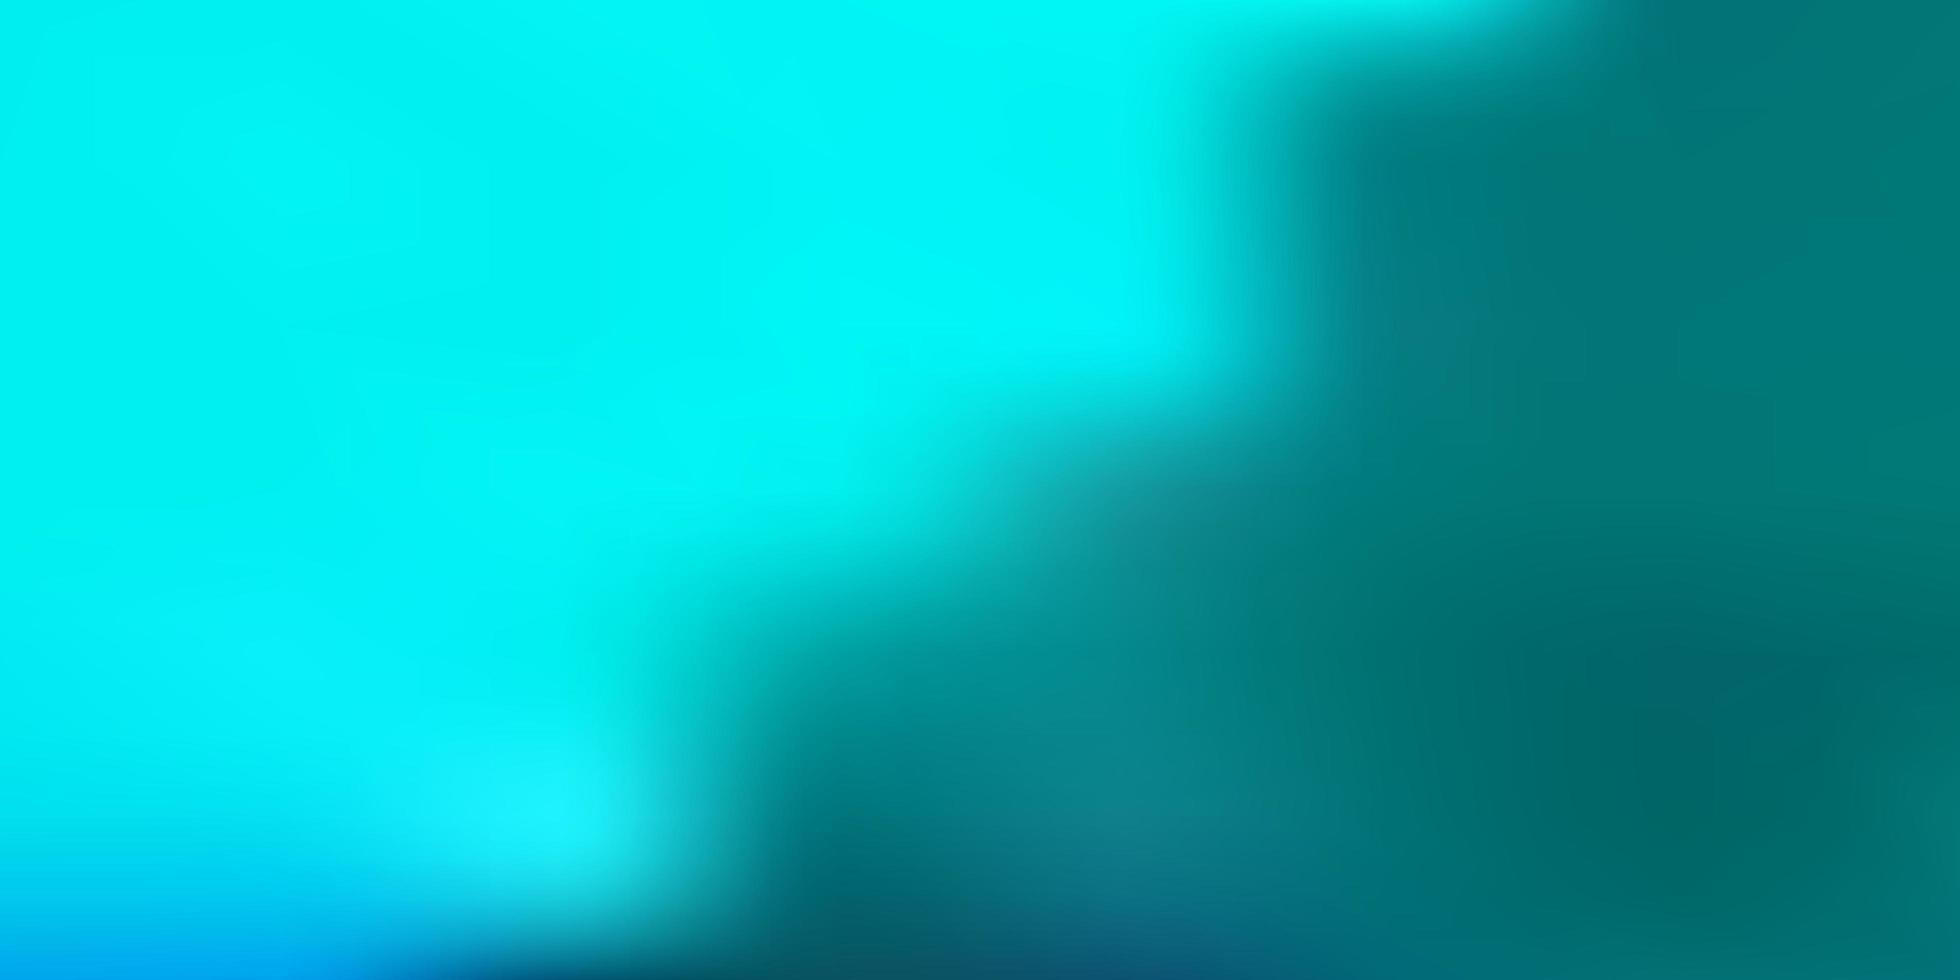 sfondo sfocatura astratta vettoriale blu chiaro.